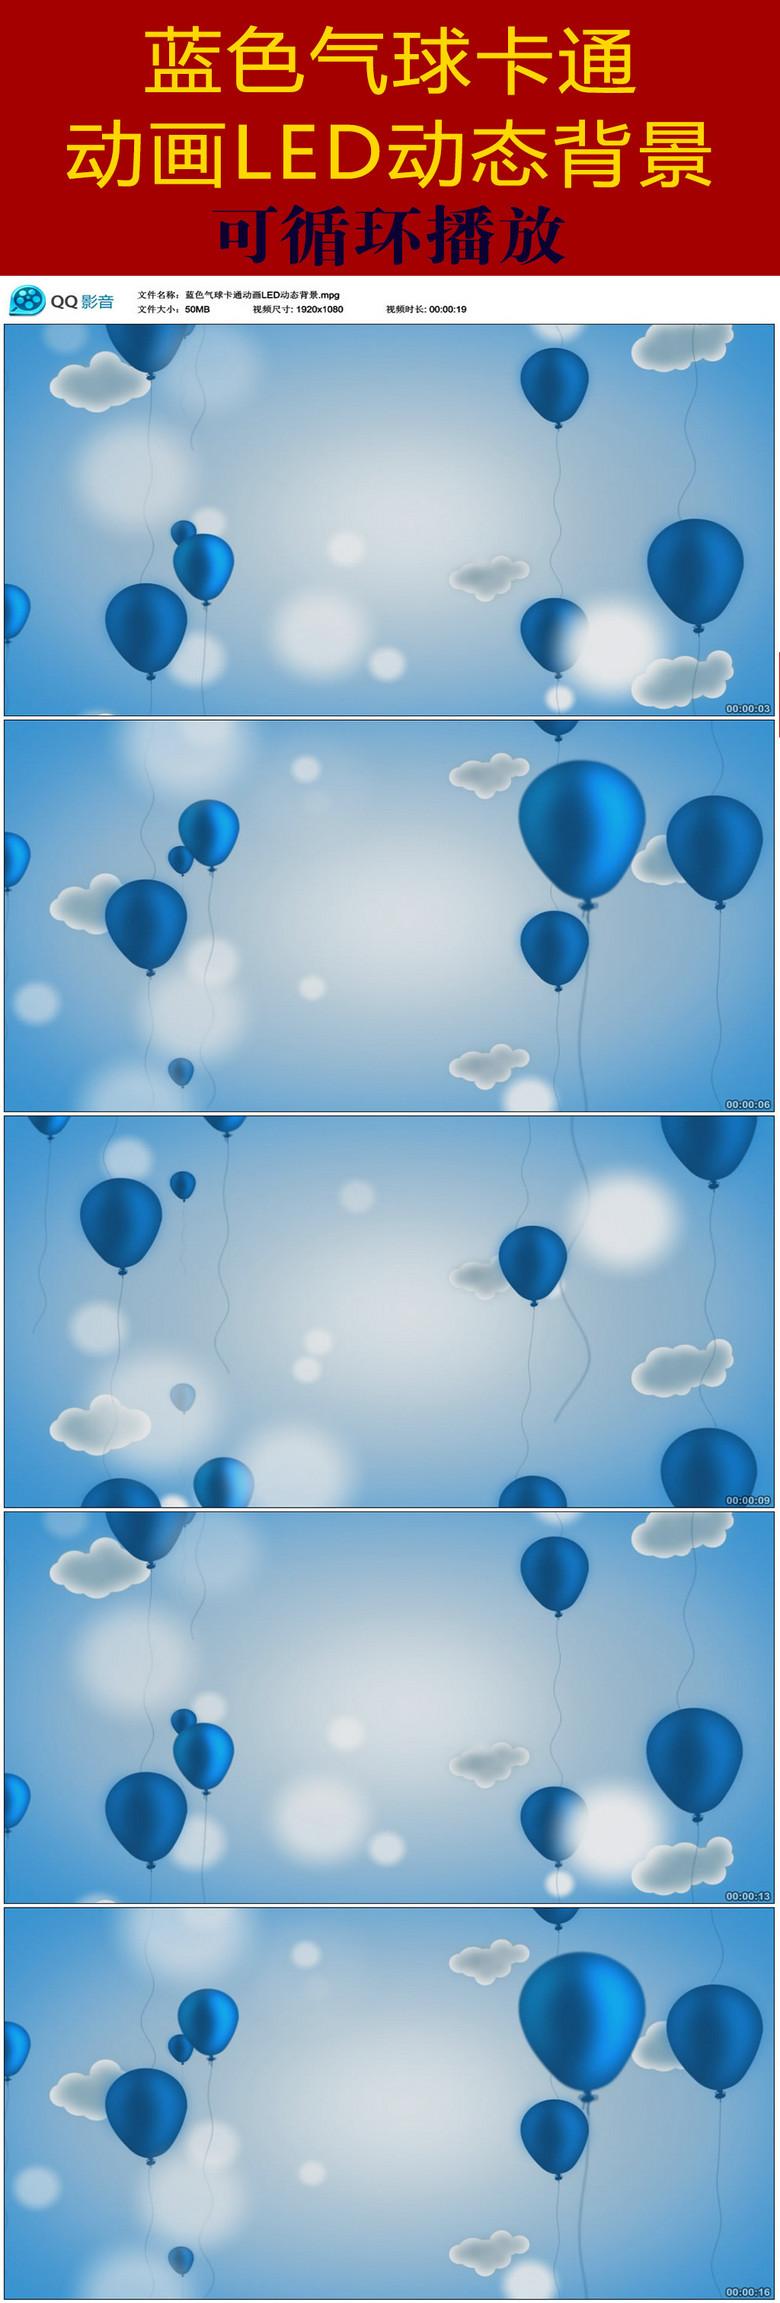 蓝色气球卡通动画led动态背景图片